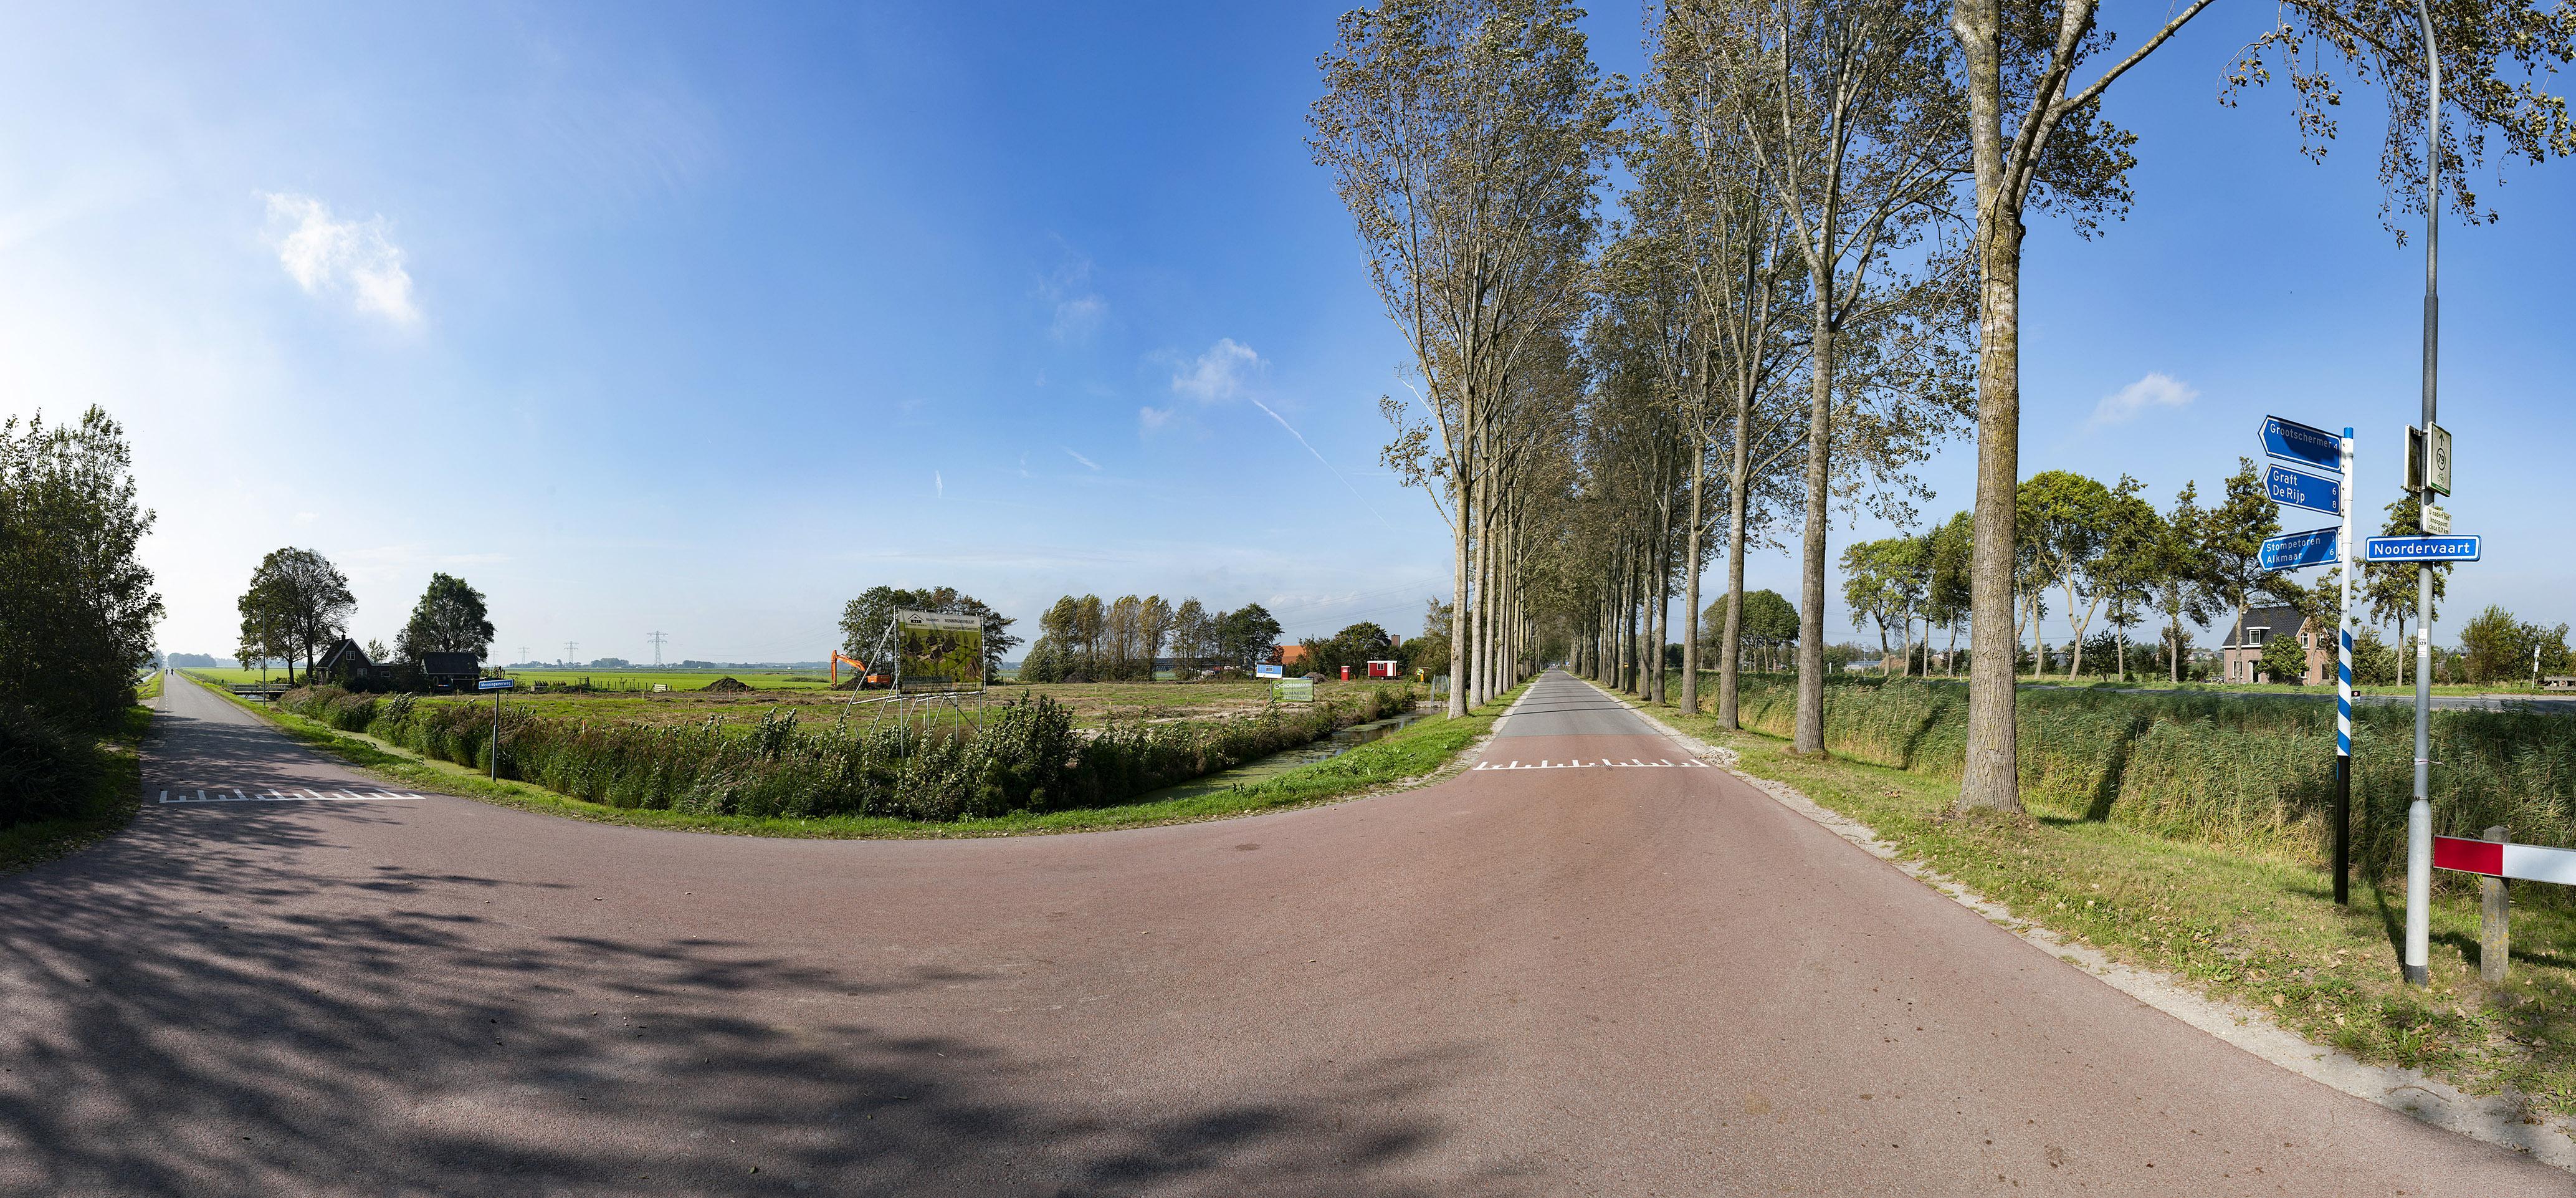 Nieuwbouw in de polder bij Stompetoren, maar (nog) geen sociale sector